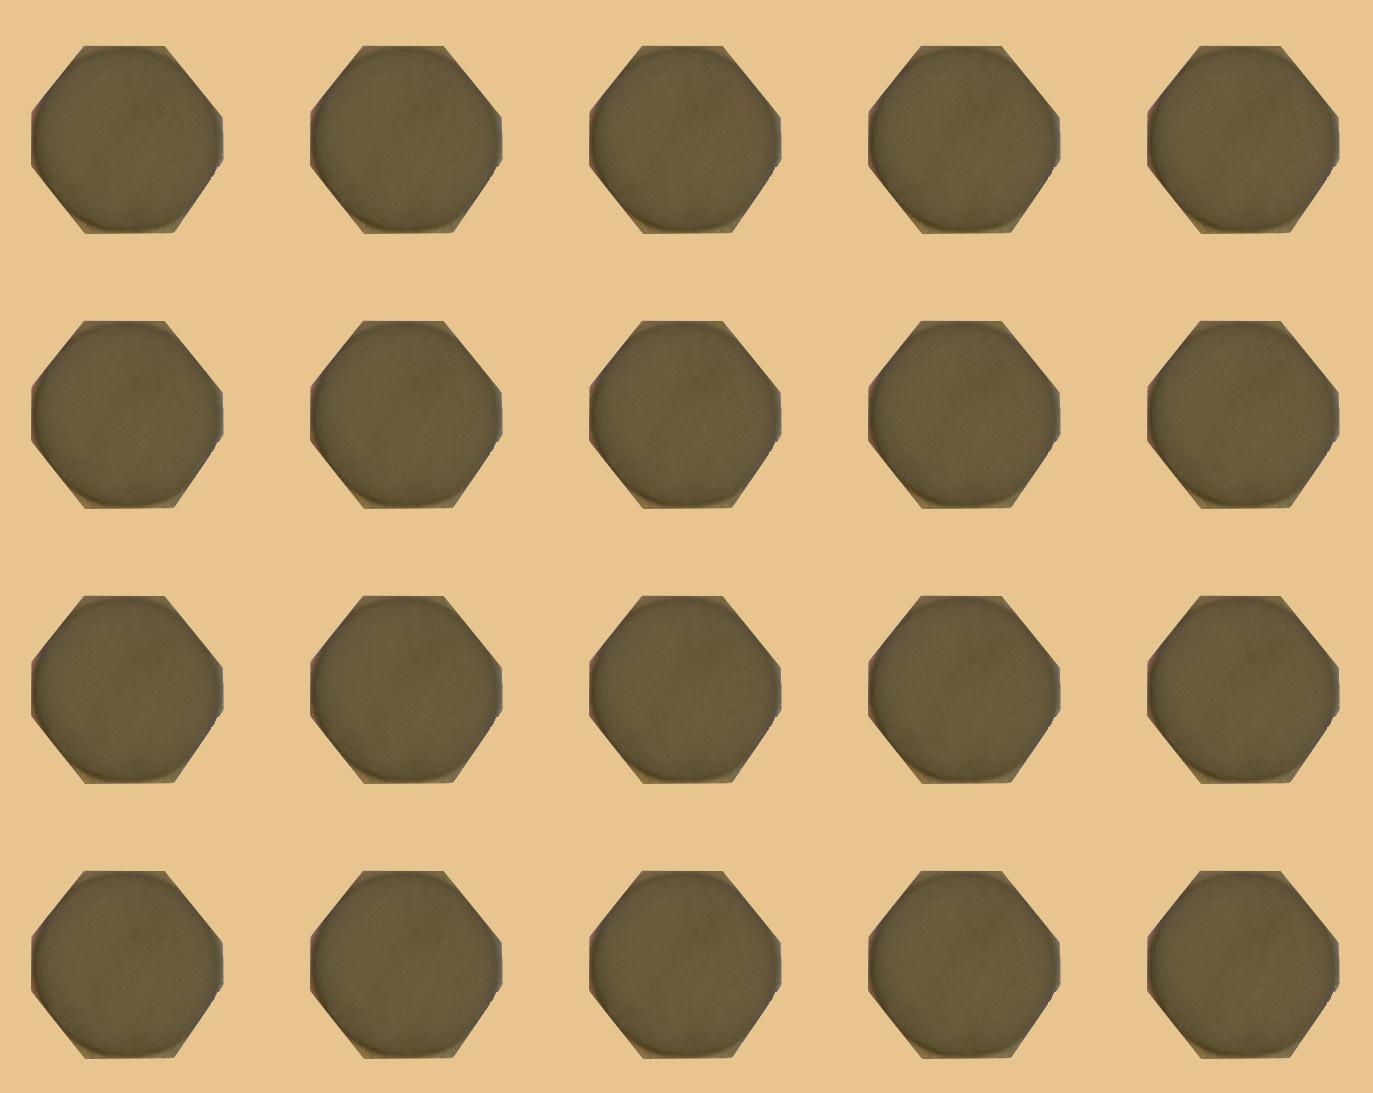 2D光纤阵列 / 二维光纤阵列 2